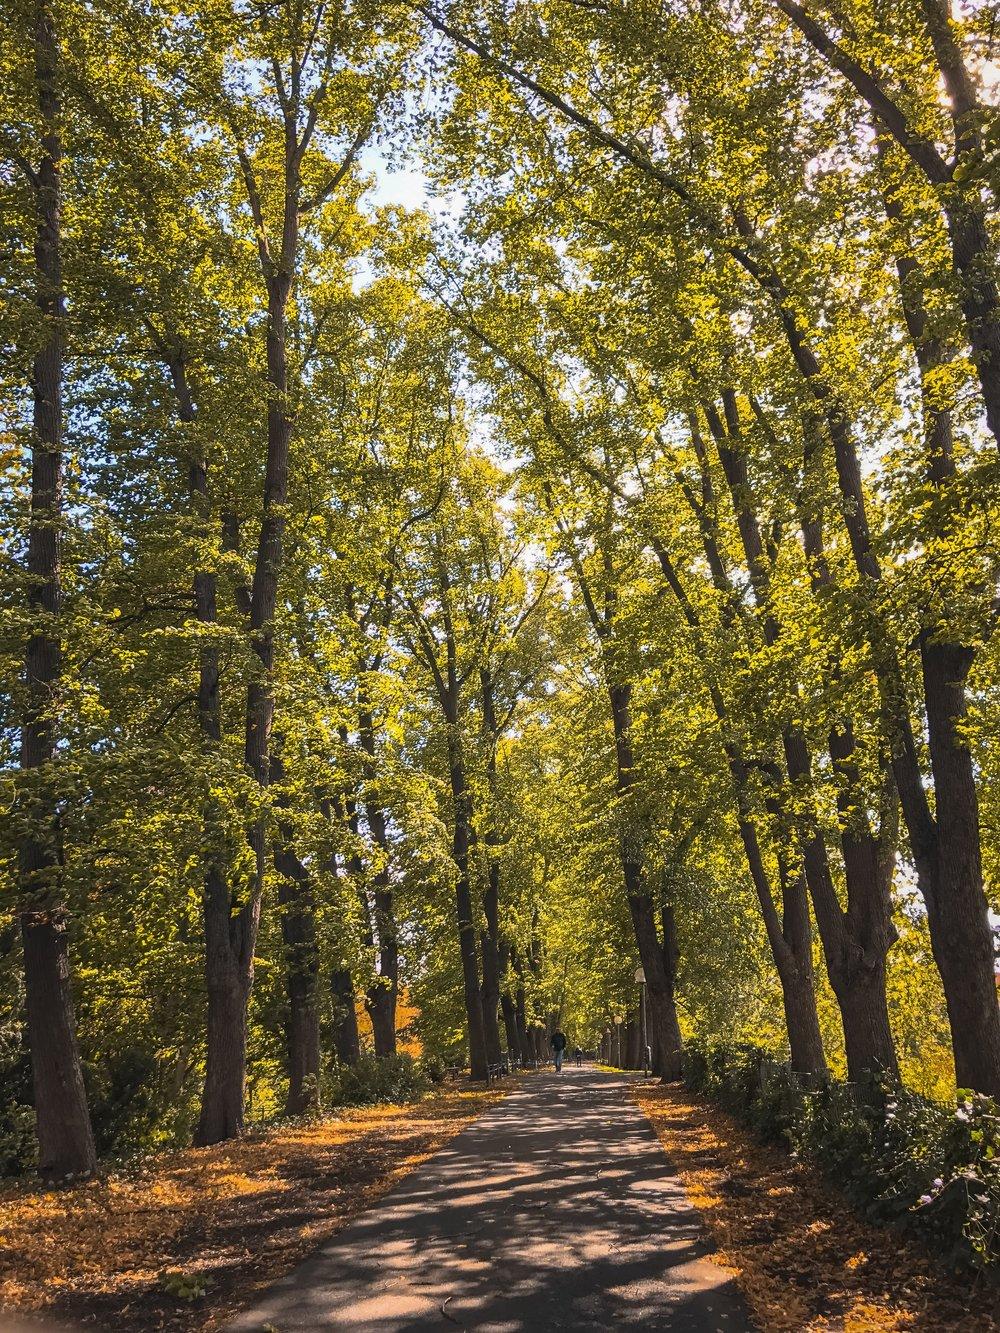 IMG_5643-2 - Herbst ShotoniPhone Autumn Blätter Leaves Sun Sonne Light Threes Licht Bäume Baum Stadt Osnabrück.jpg